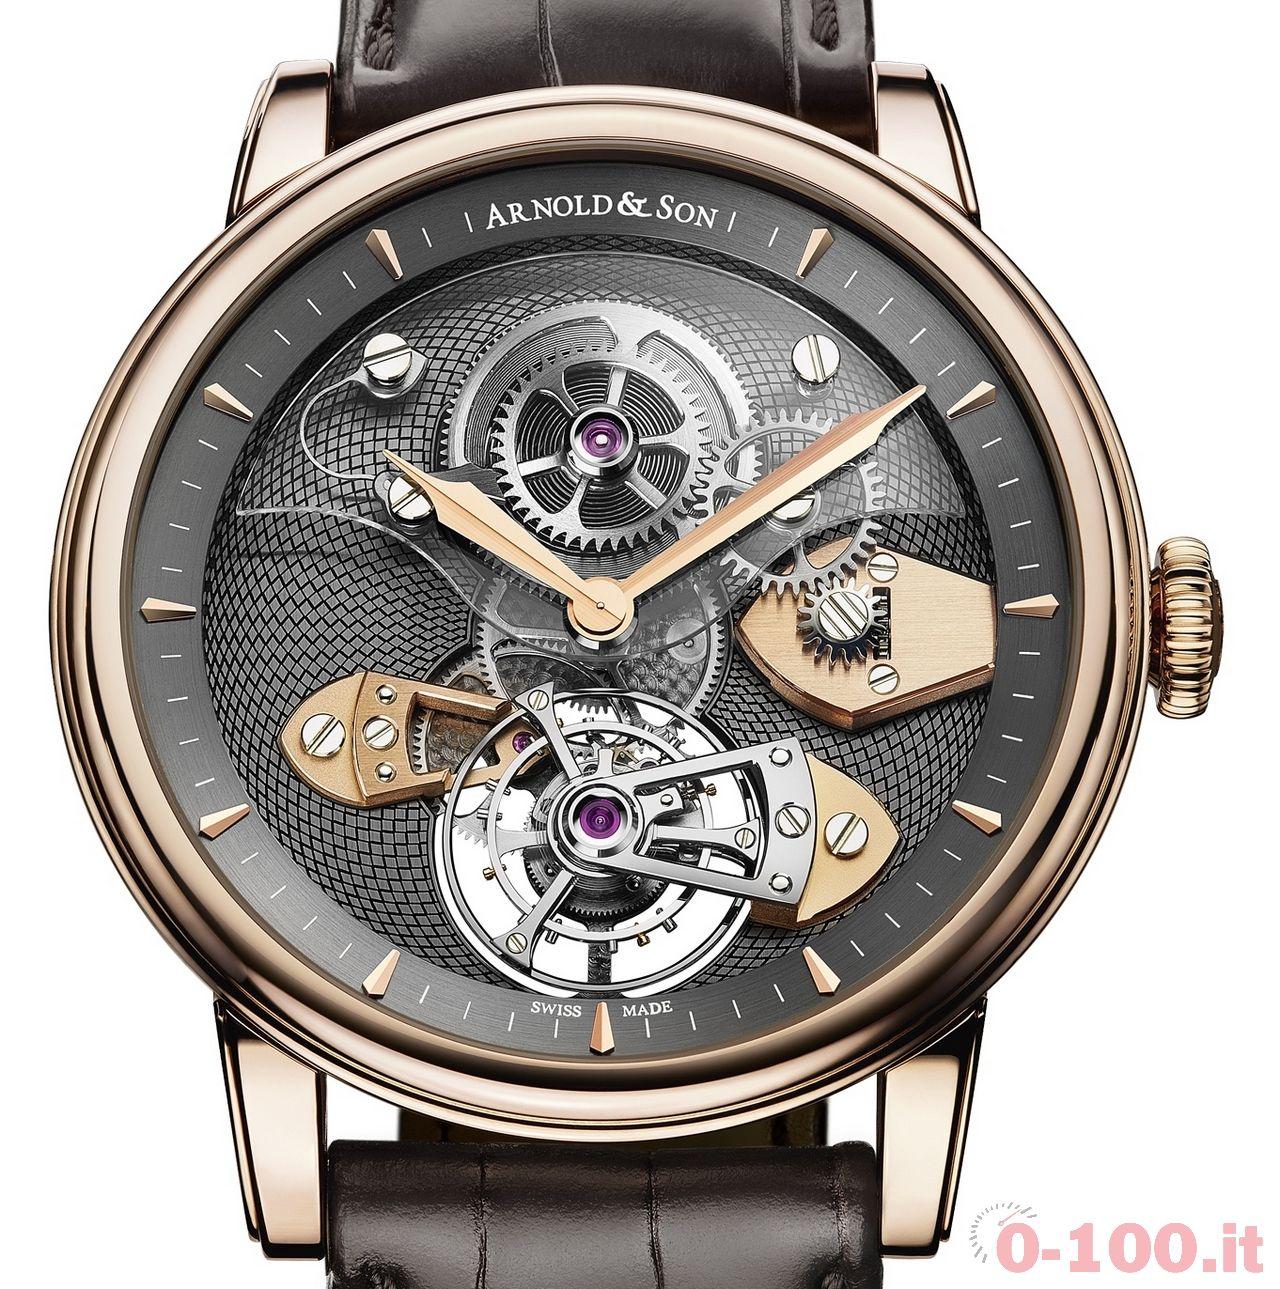 arnold-son-tes-tourbillon-ref-1sjar-v01a-c112a-royal-collection-prezzo-price_0-1003